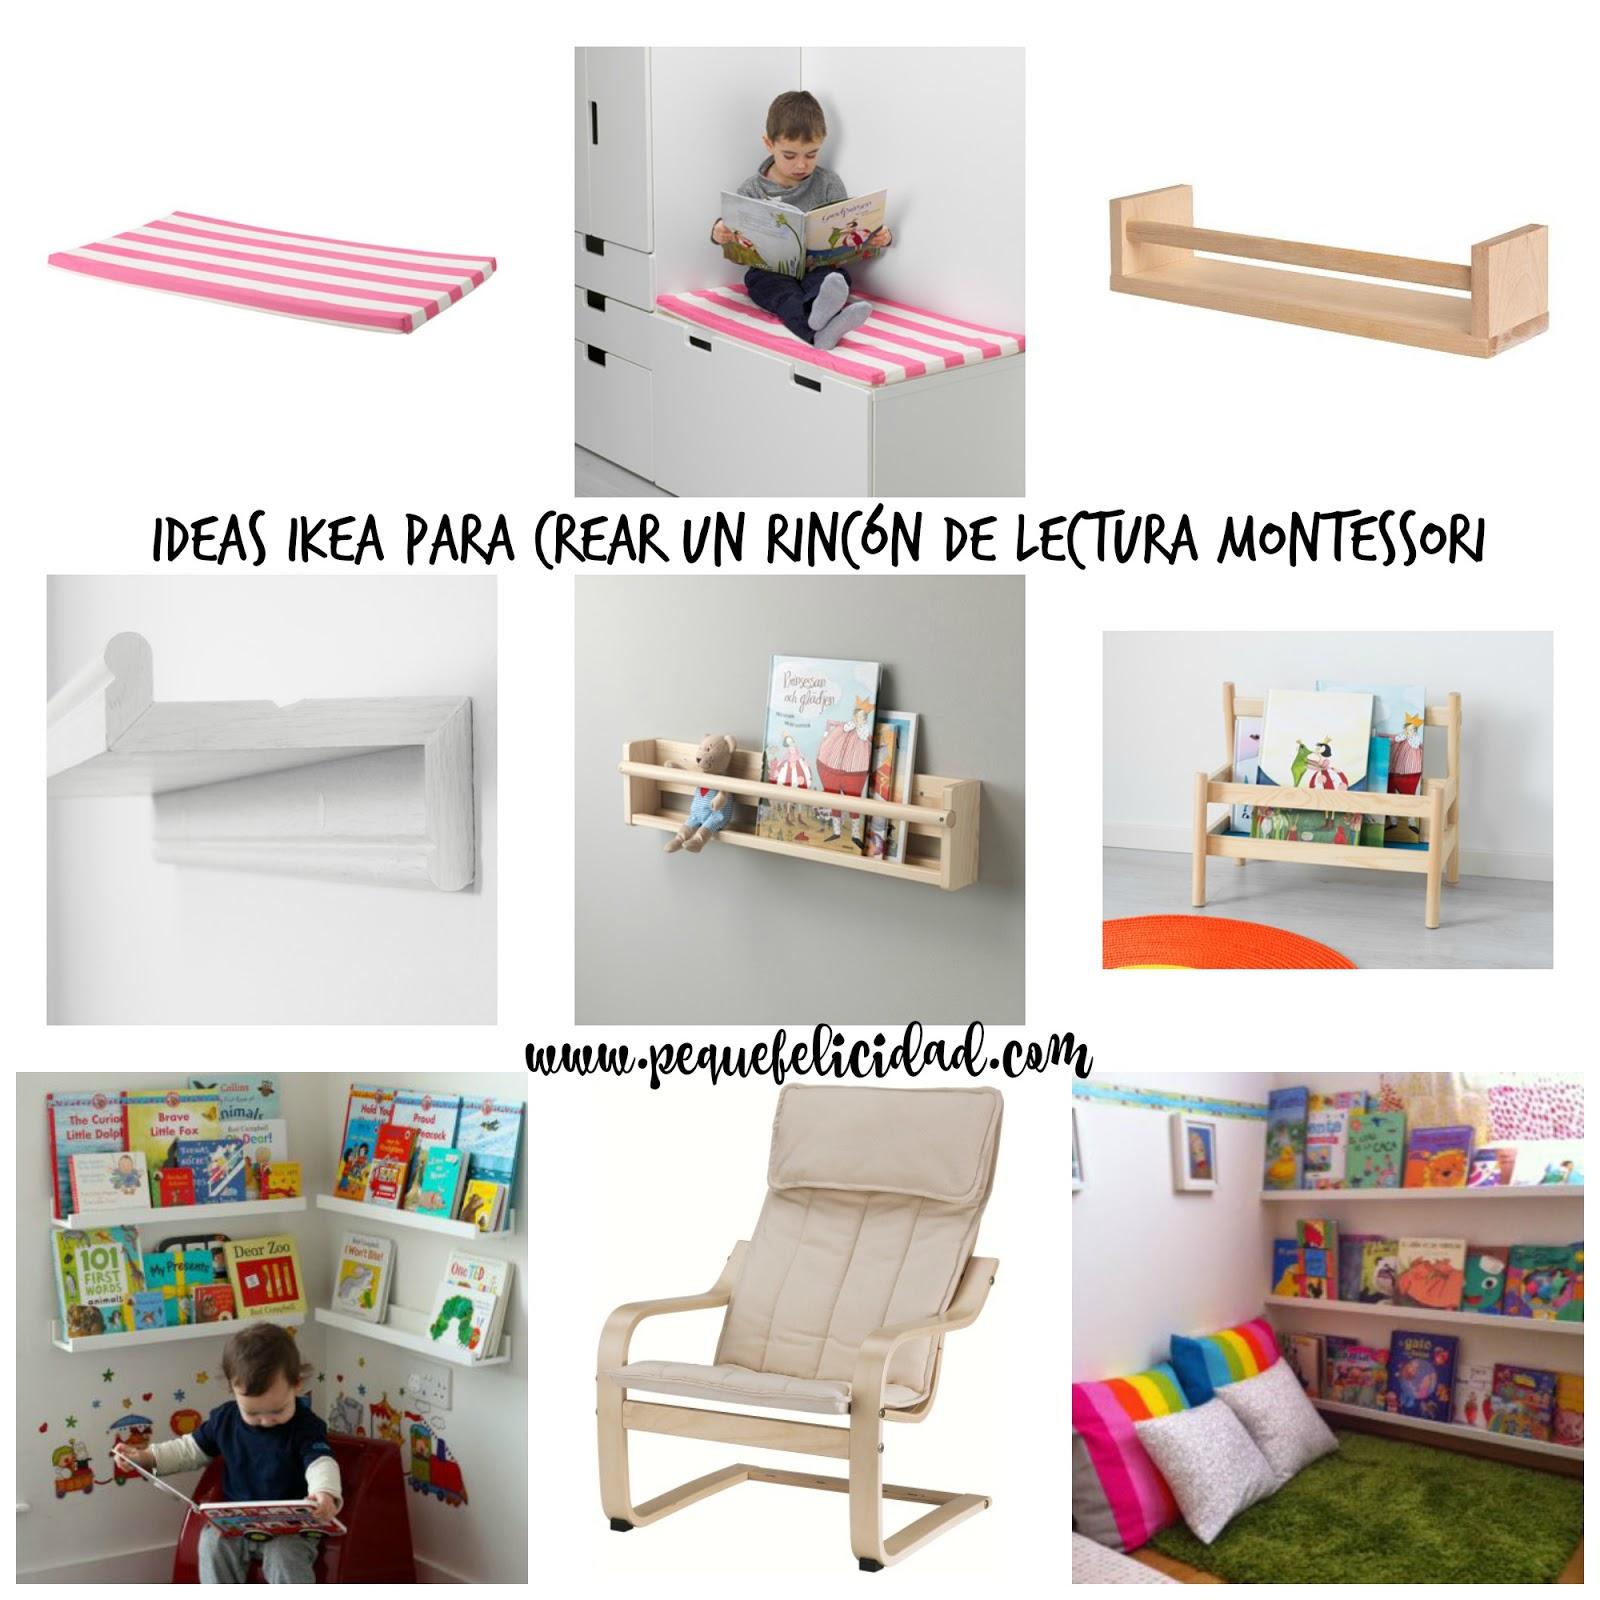 Pequefelicidad ideas ikea para crear un rinc n de lectura - Ikea estanterias ninos ...